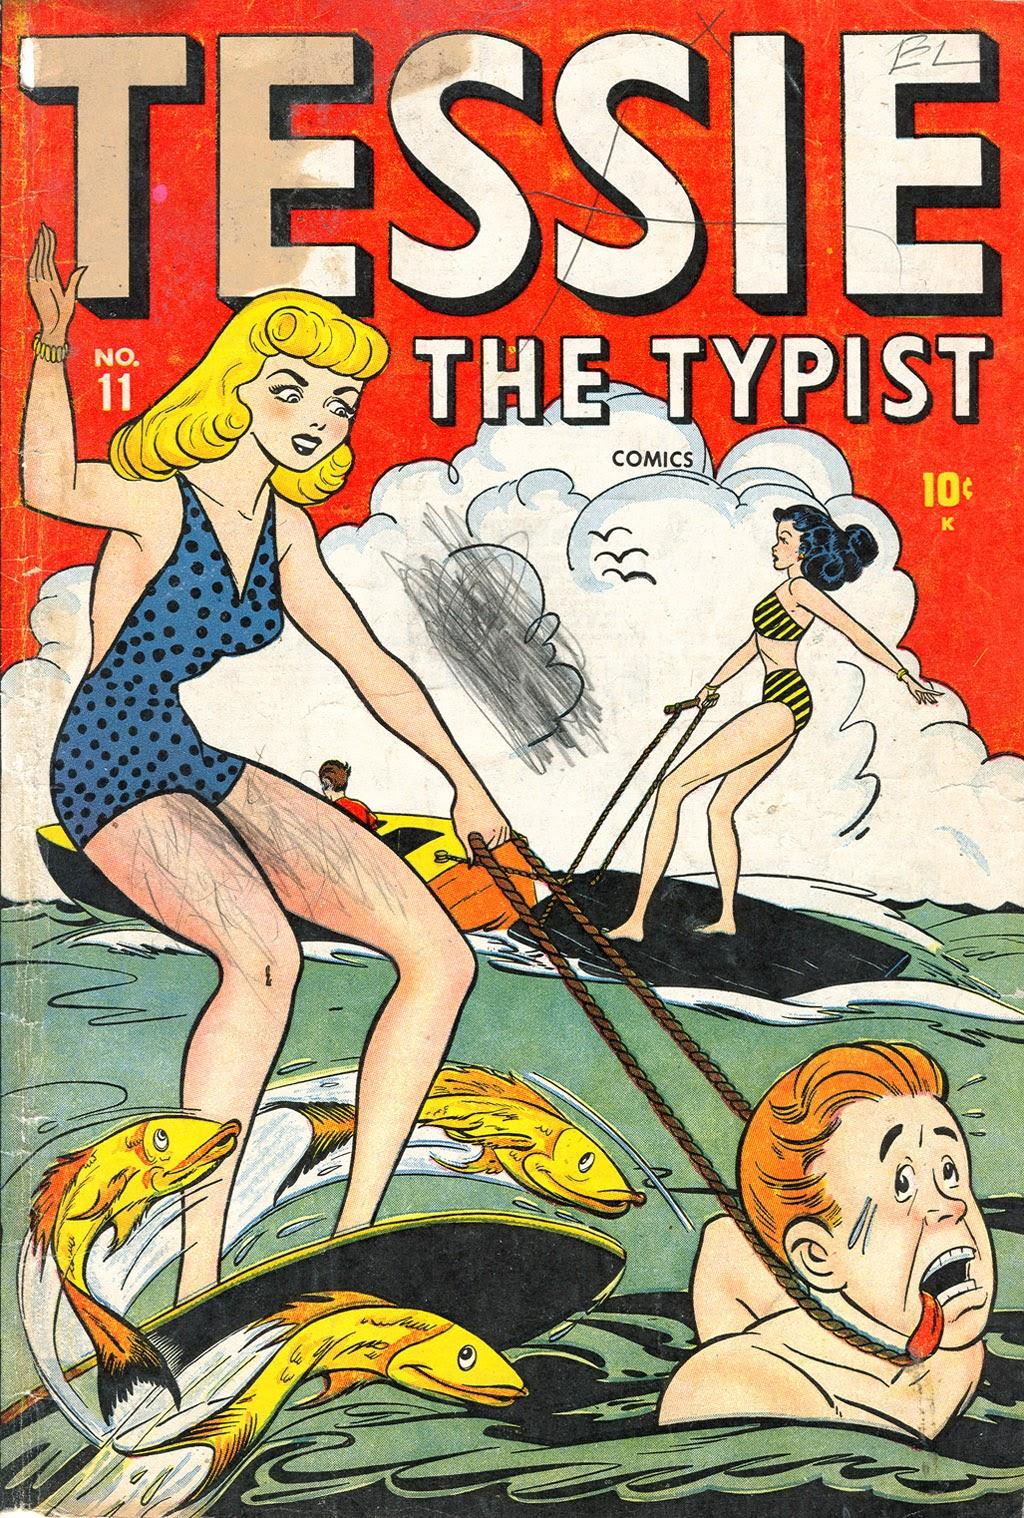 Tessie the Typist issue 11 - Page 1